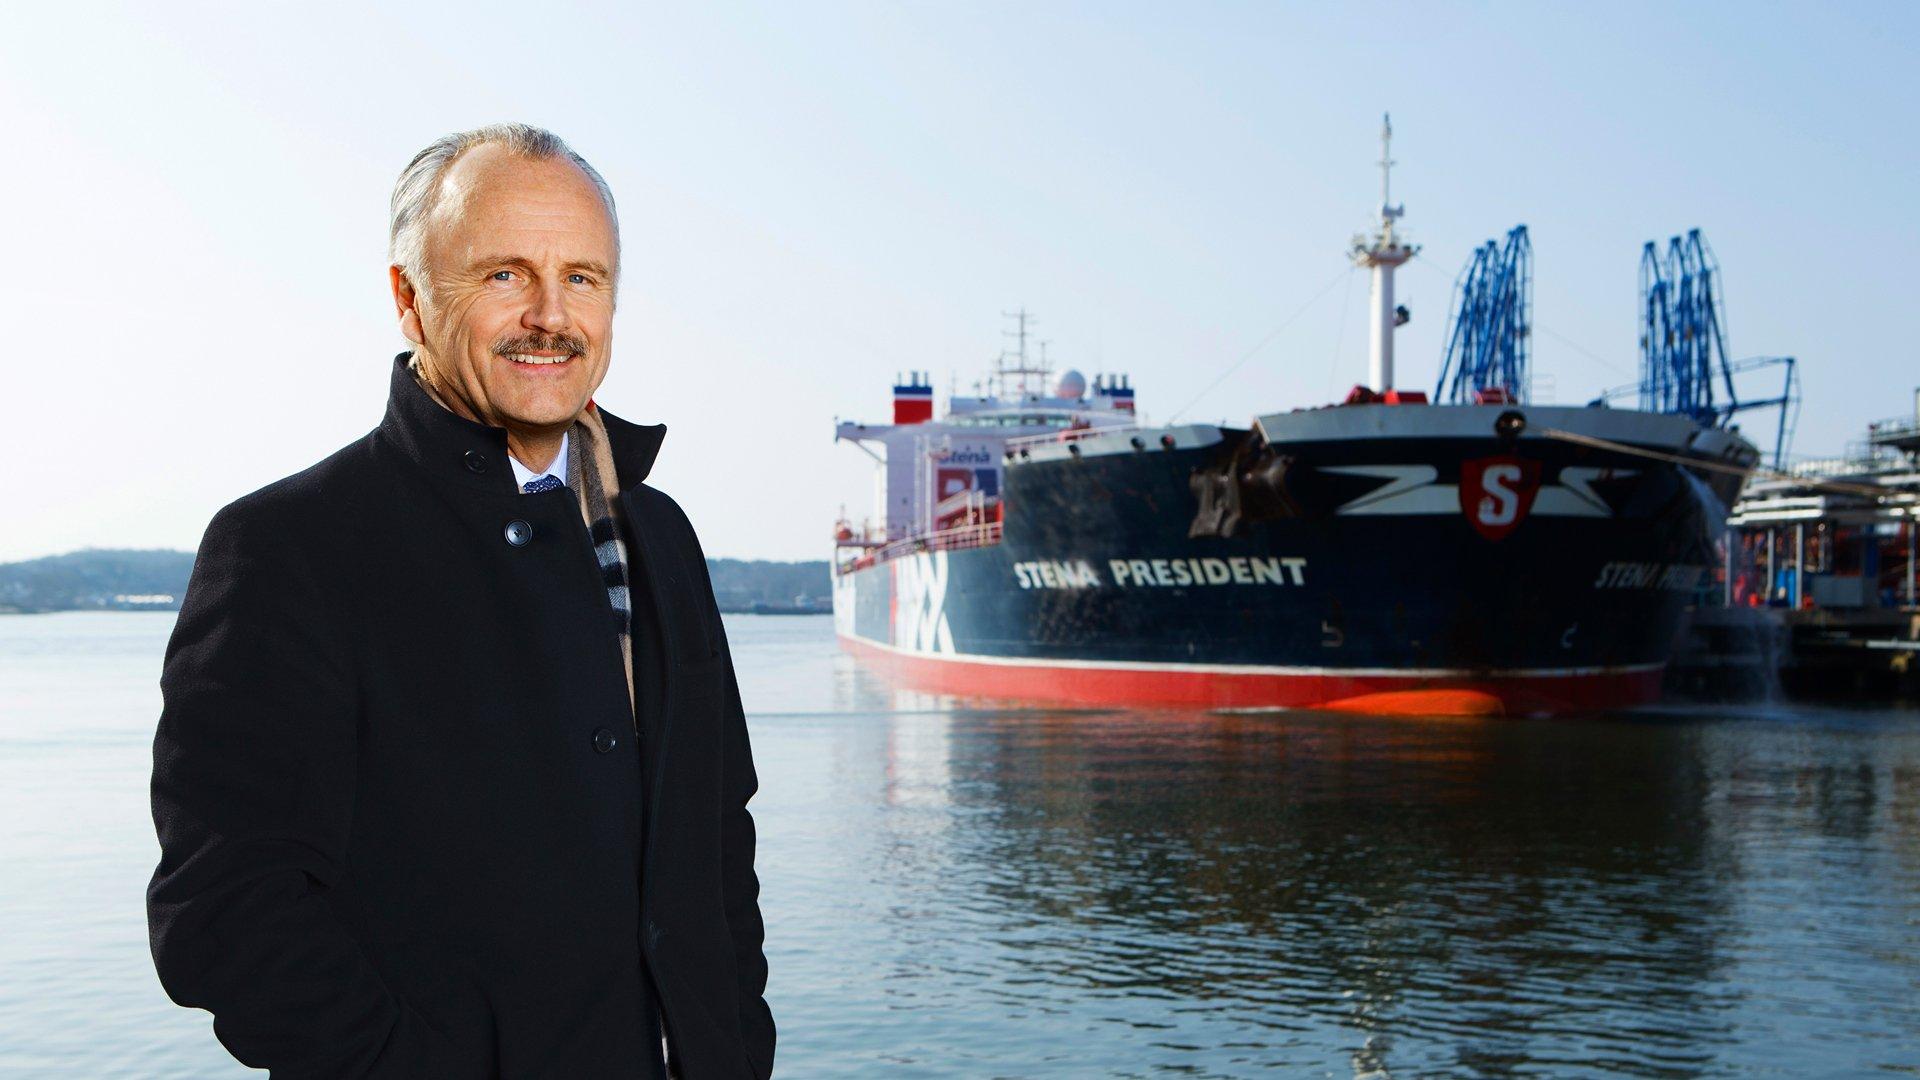 Concordia Maritime CEO Kim Ullman. Photo courtesy of Concordia Maritime